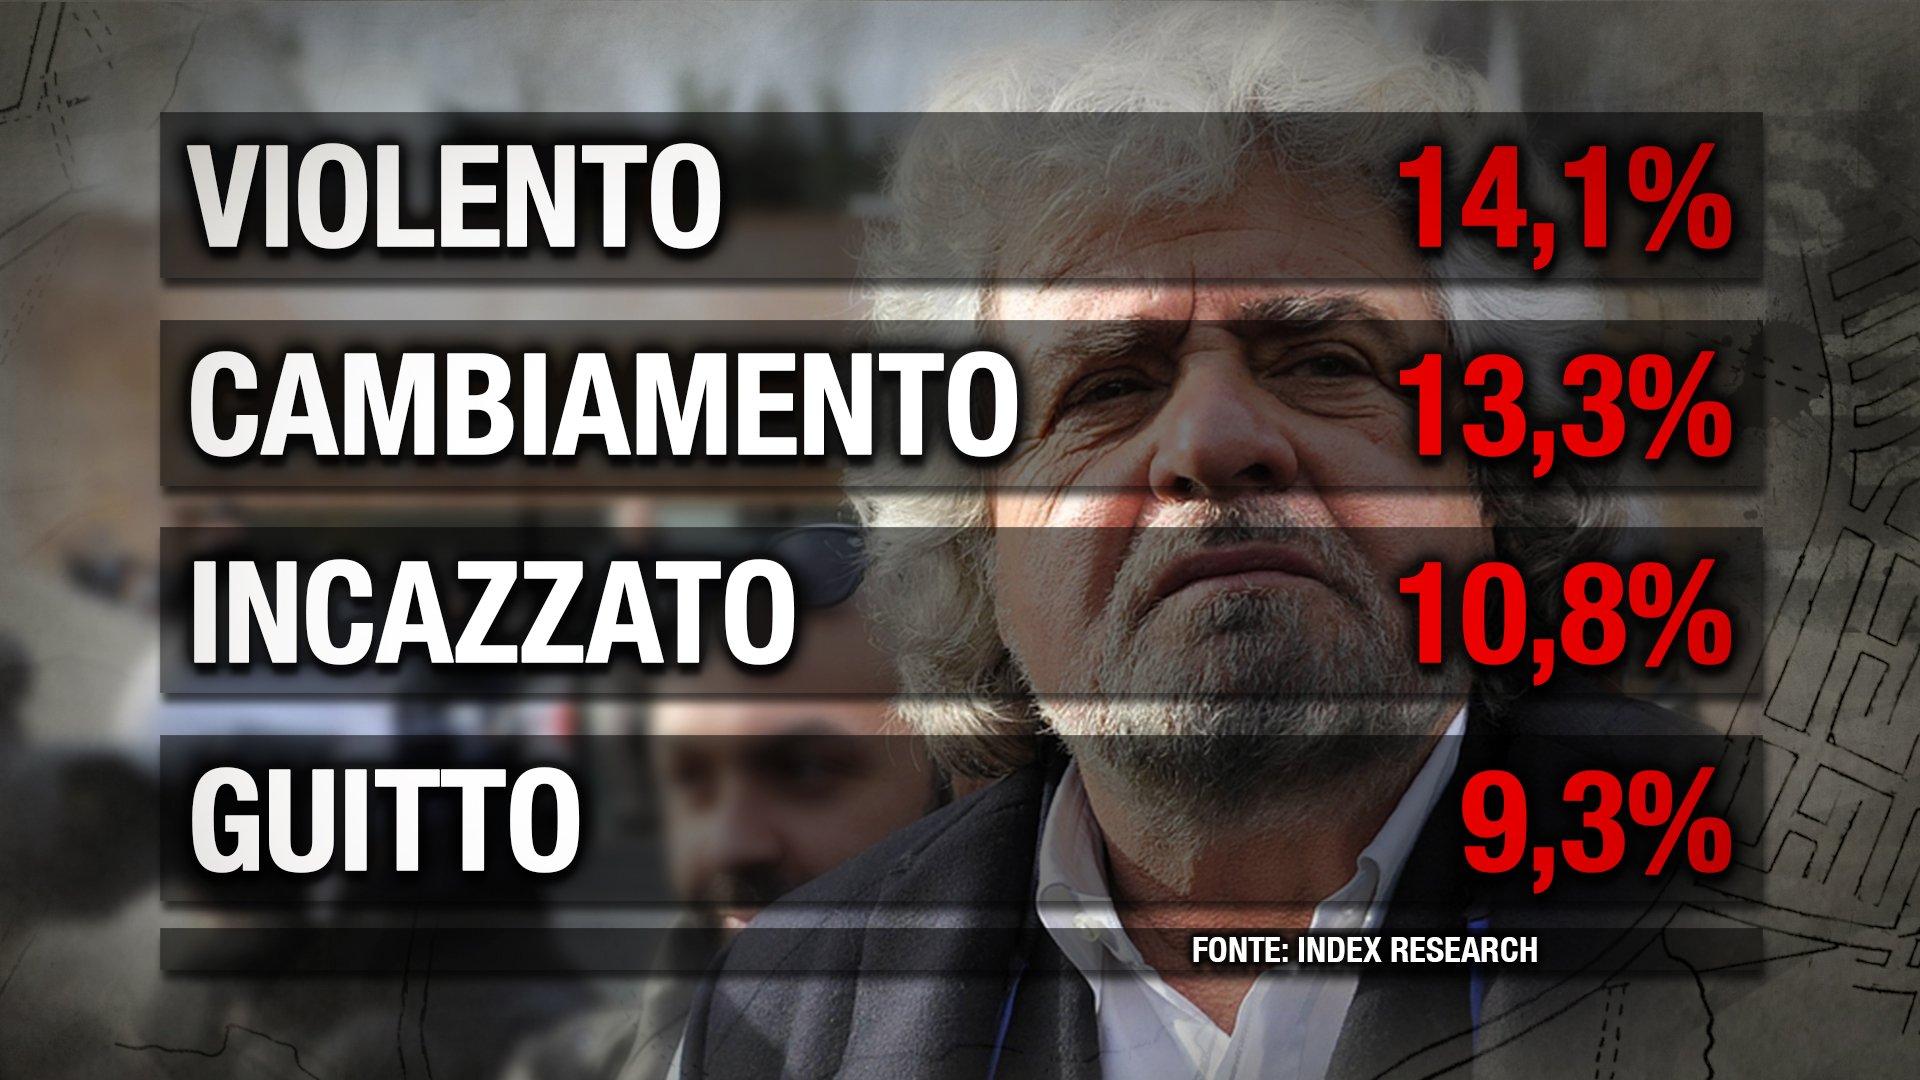 Grillp Sondaggio Index